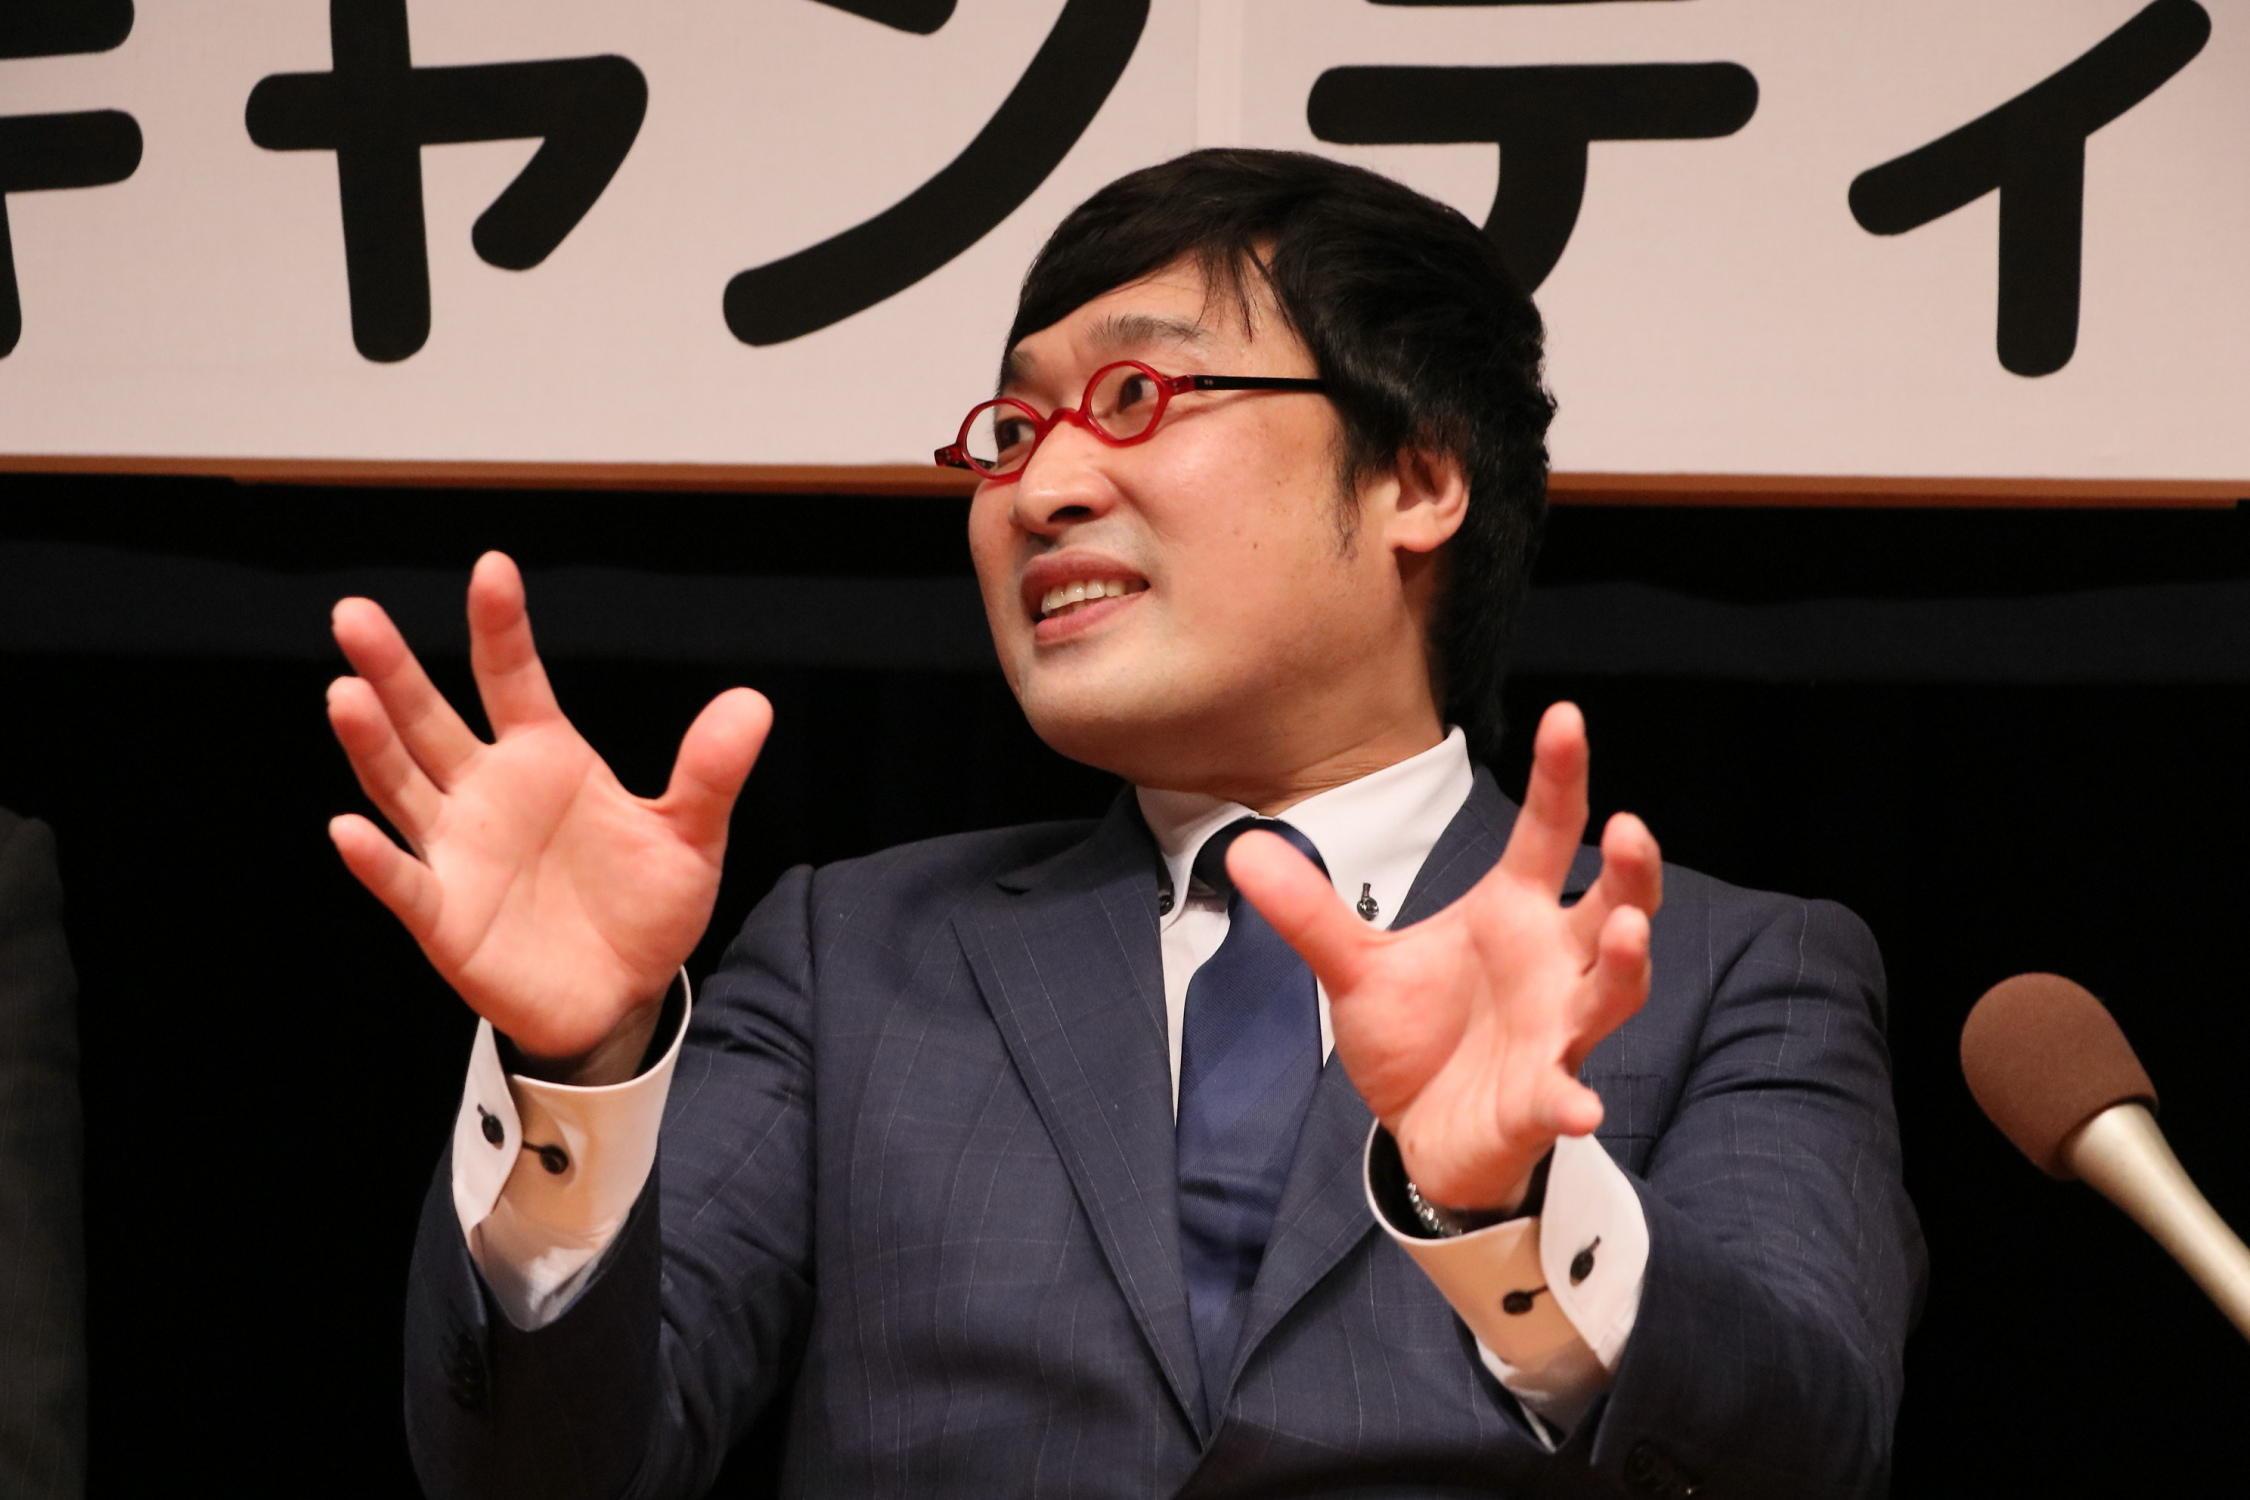 http://news.yoshimoto.co.jp/20180107132930-735995ac8363ed24b274d452708c9b7ebcc10bbe.jpg